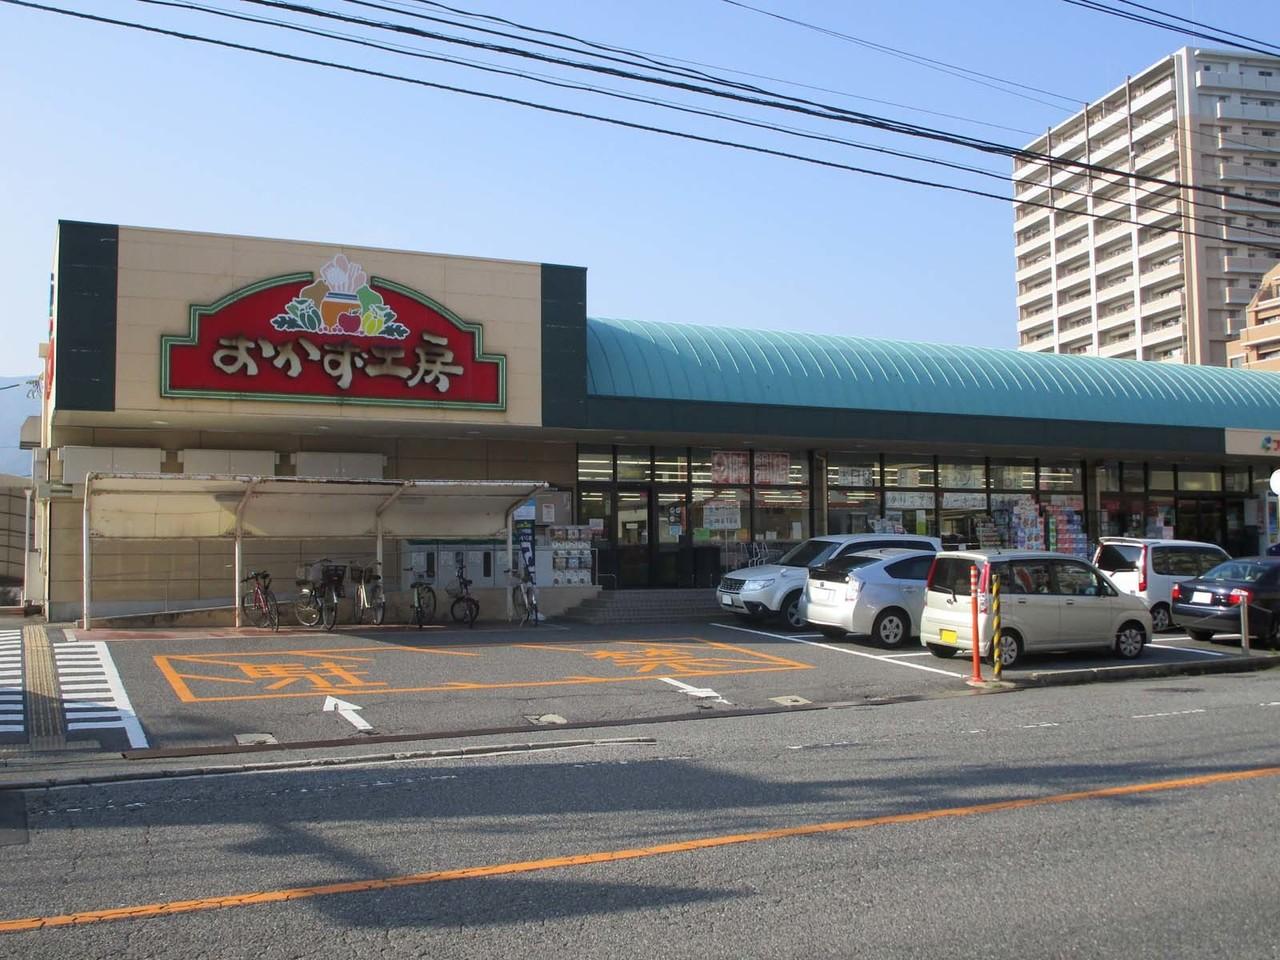 【スーパー】スーパー「フレスタ おかず工房皆賀店」営業時間 9:00~22:00です。